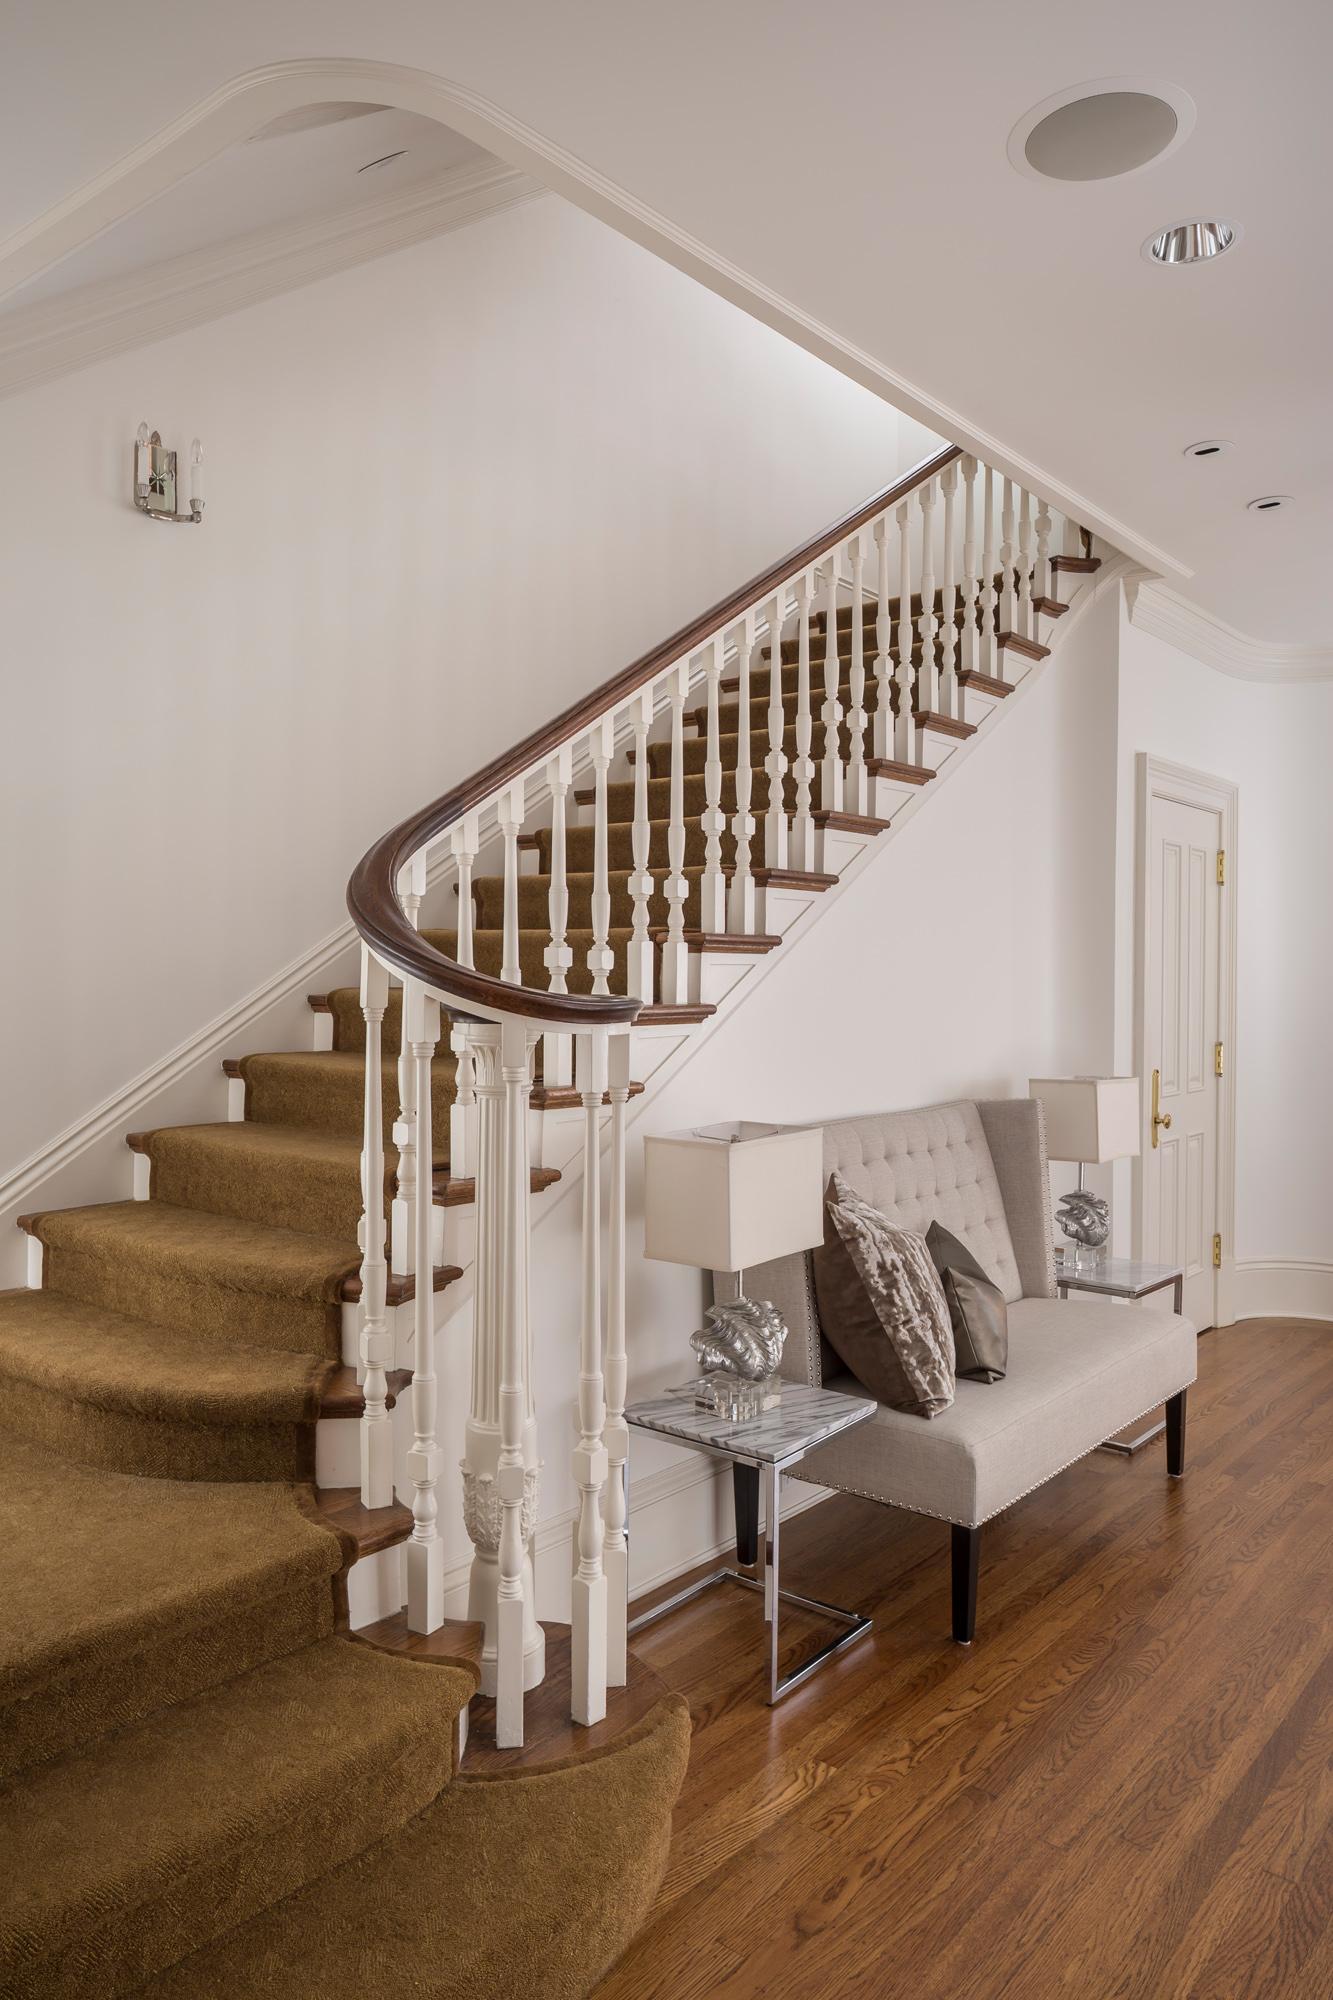 L1_Stairway_6350.jpg